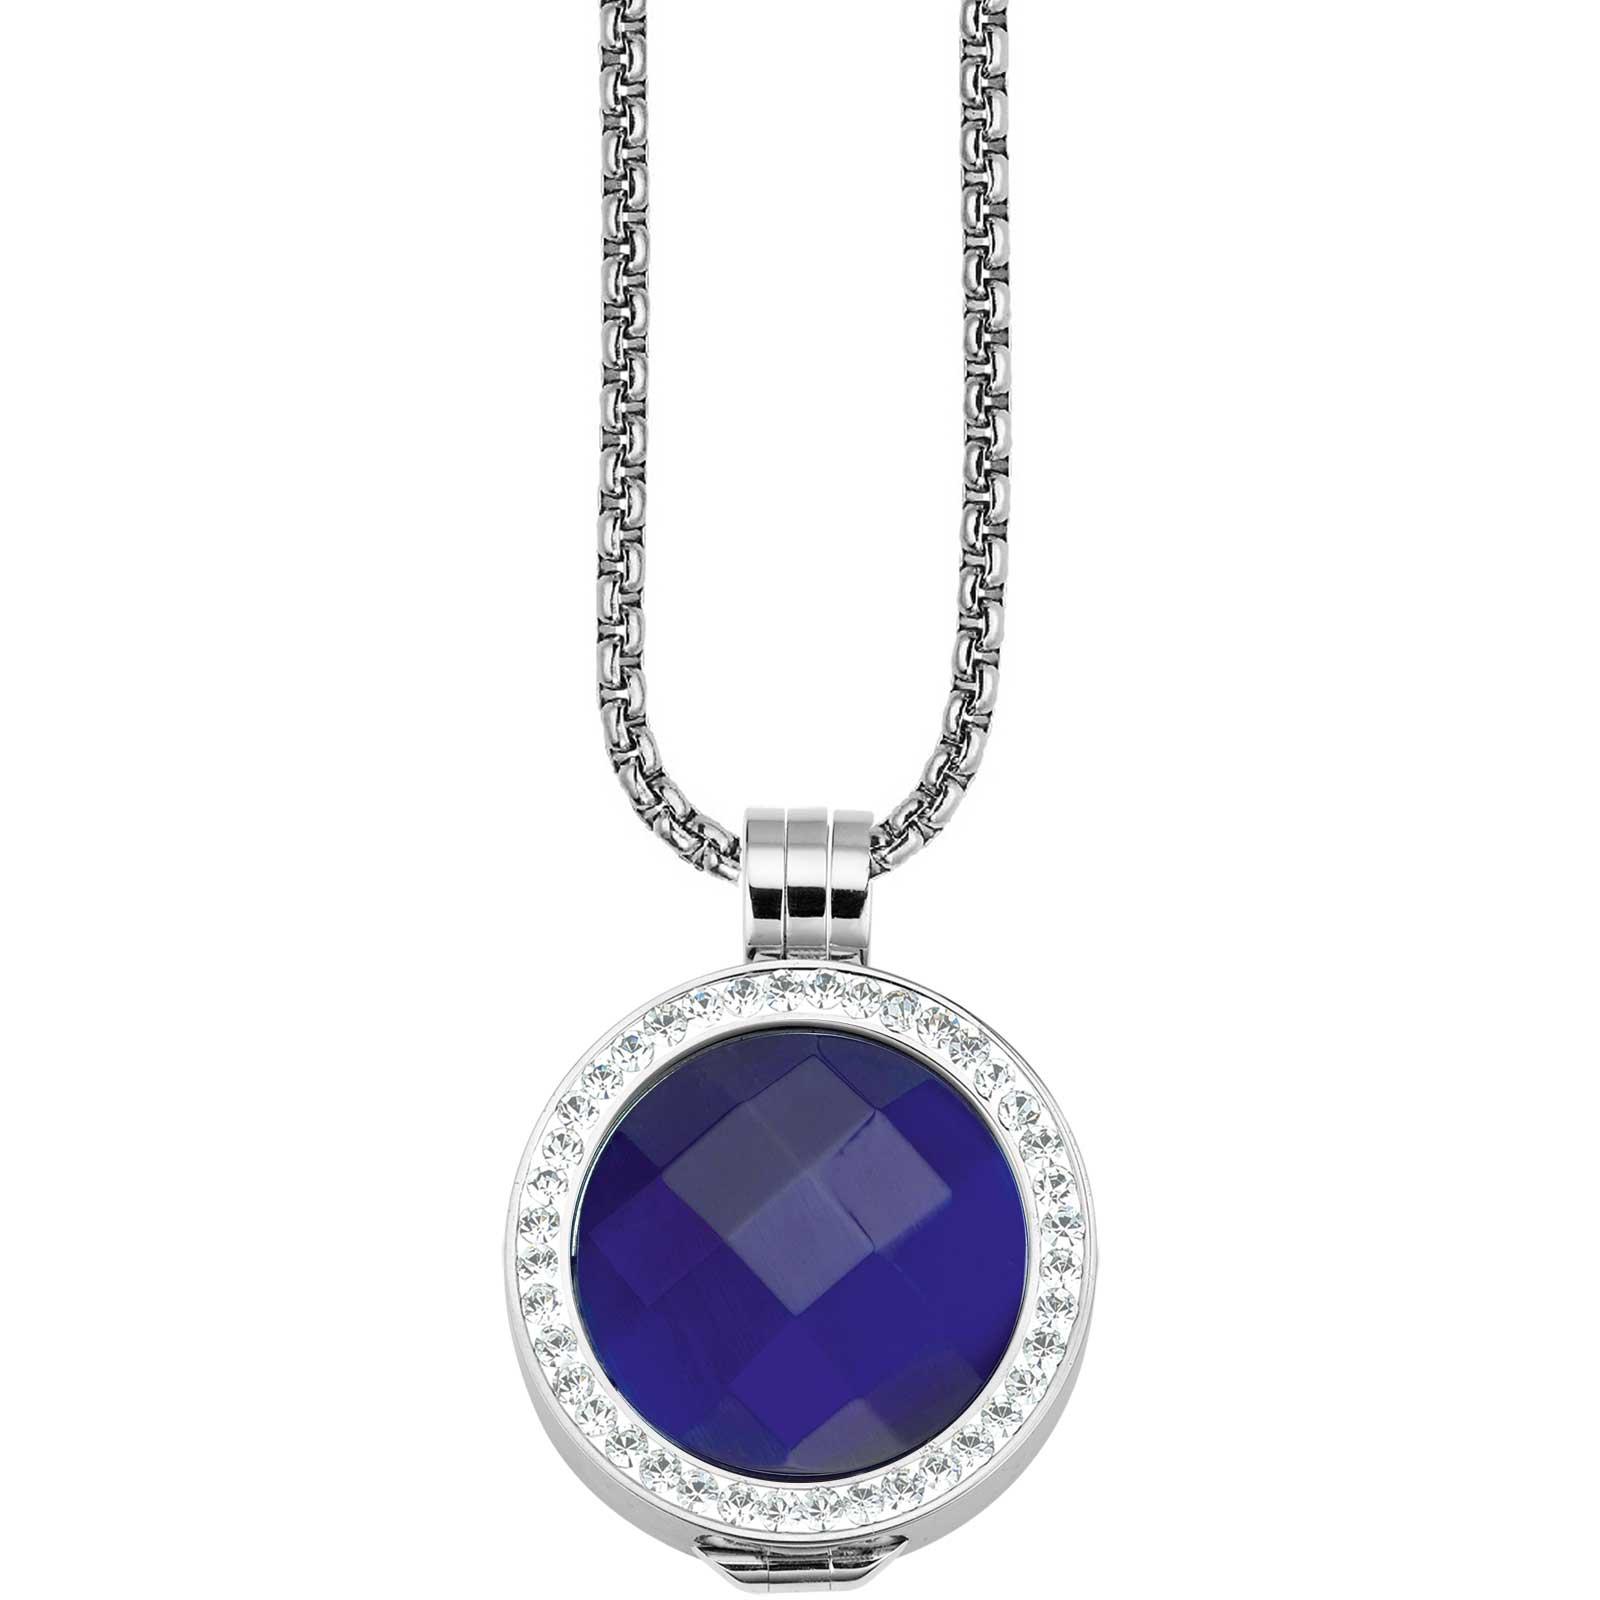 CS004_Coin-Fassung_Edelstahl_ohne_Kristalle_mit_Coin_CS197_CS198_Coin_blau_Kette_1